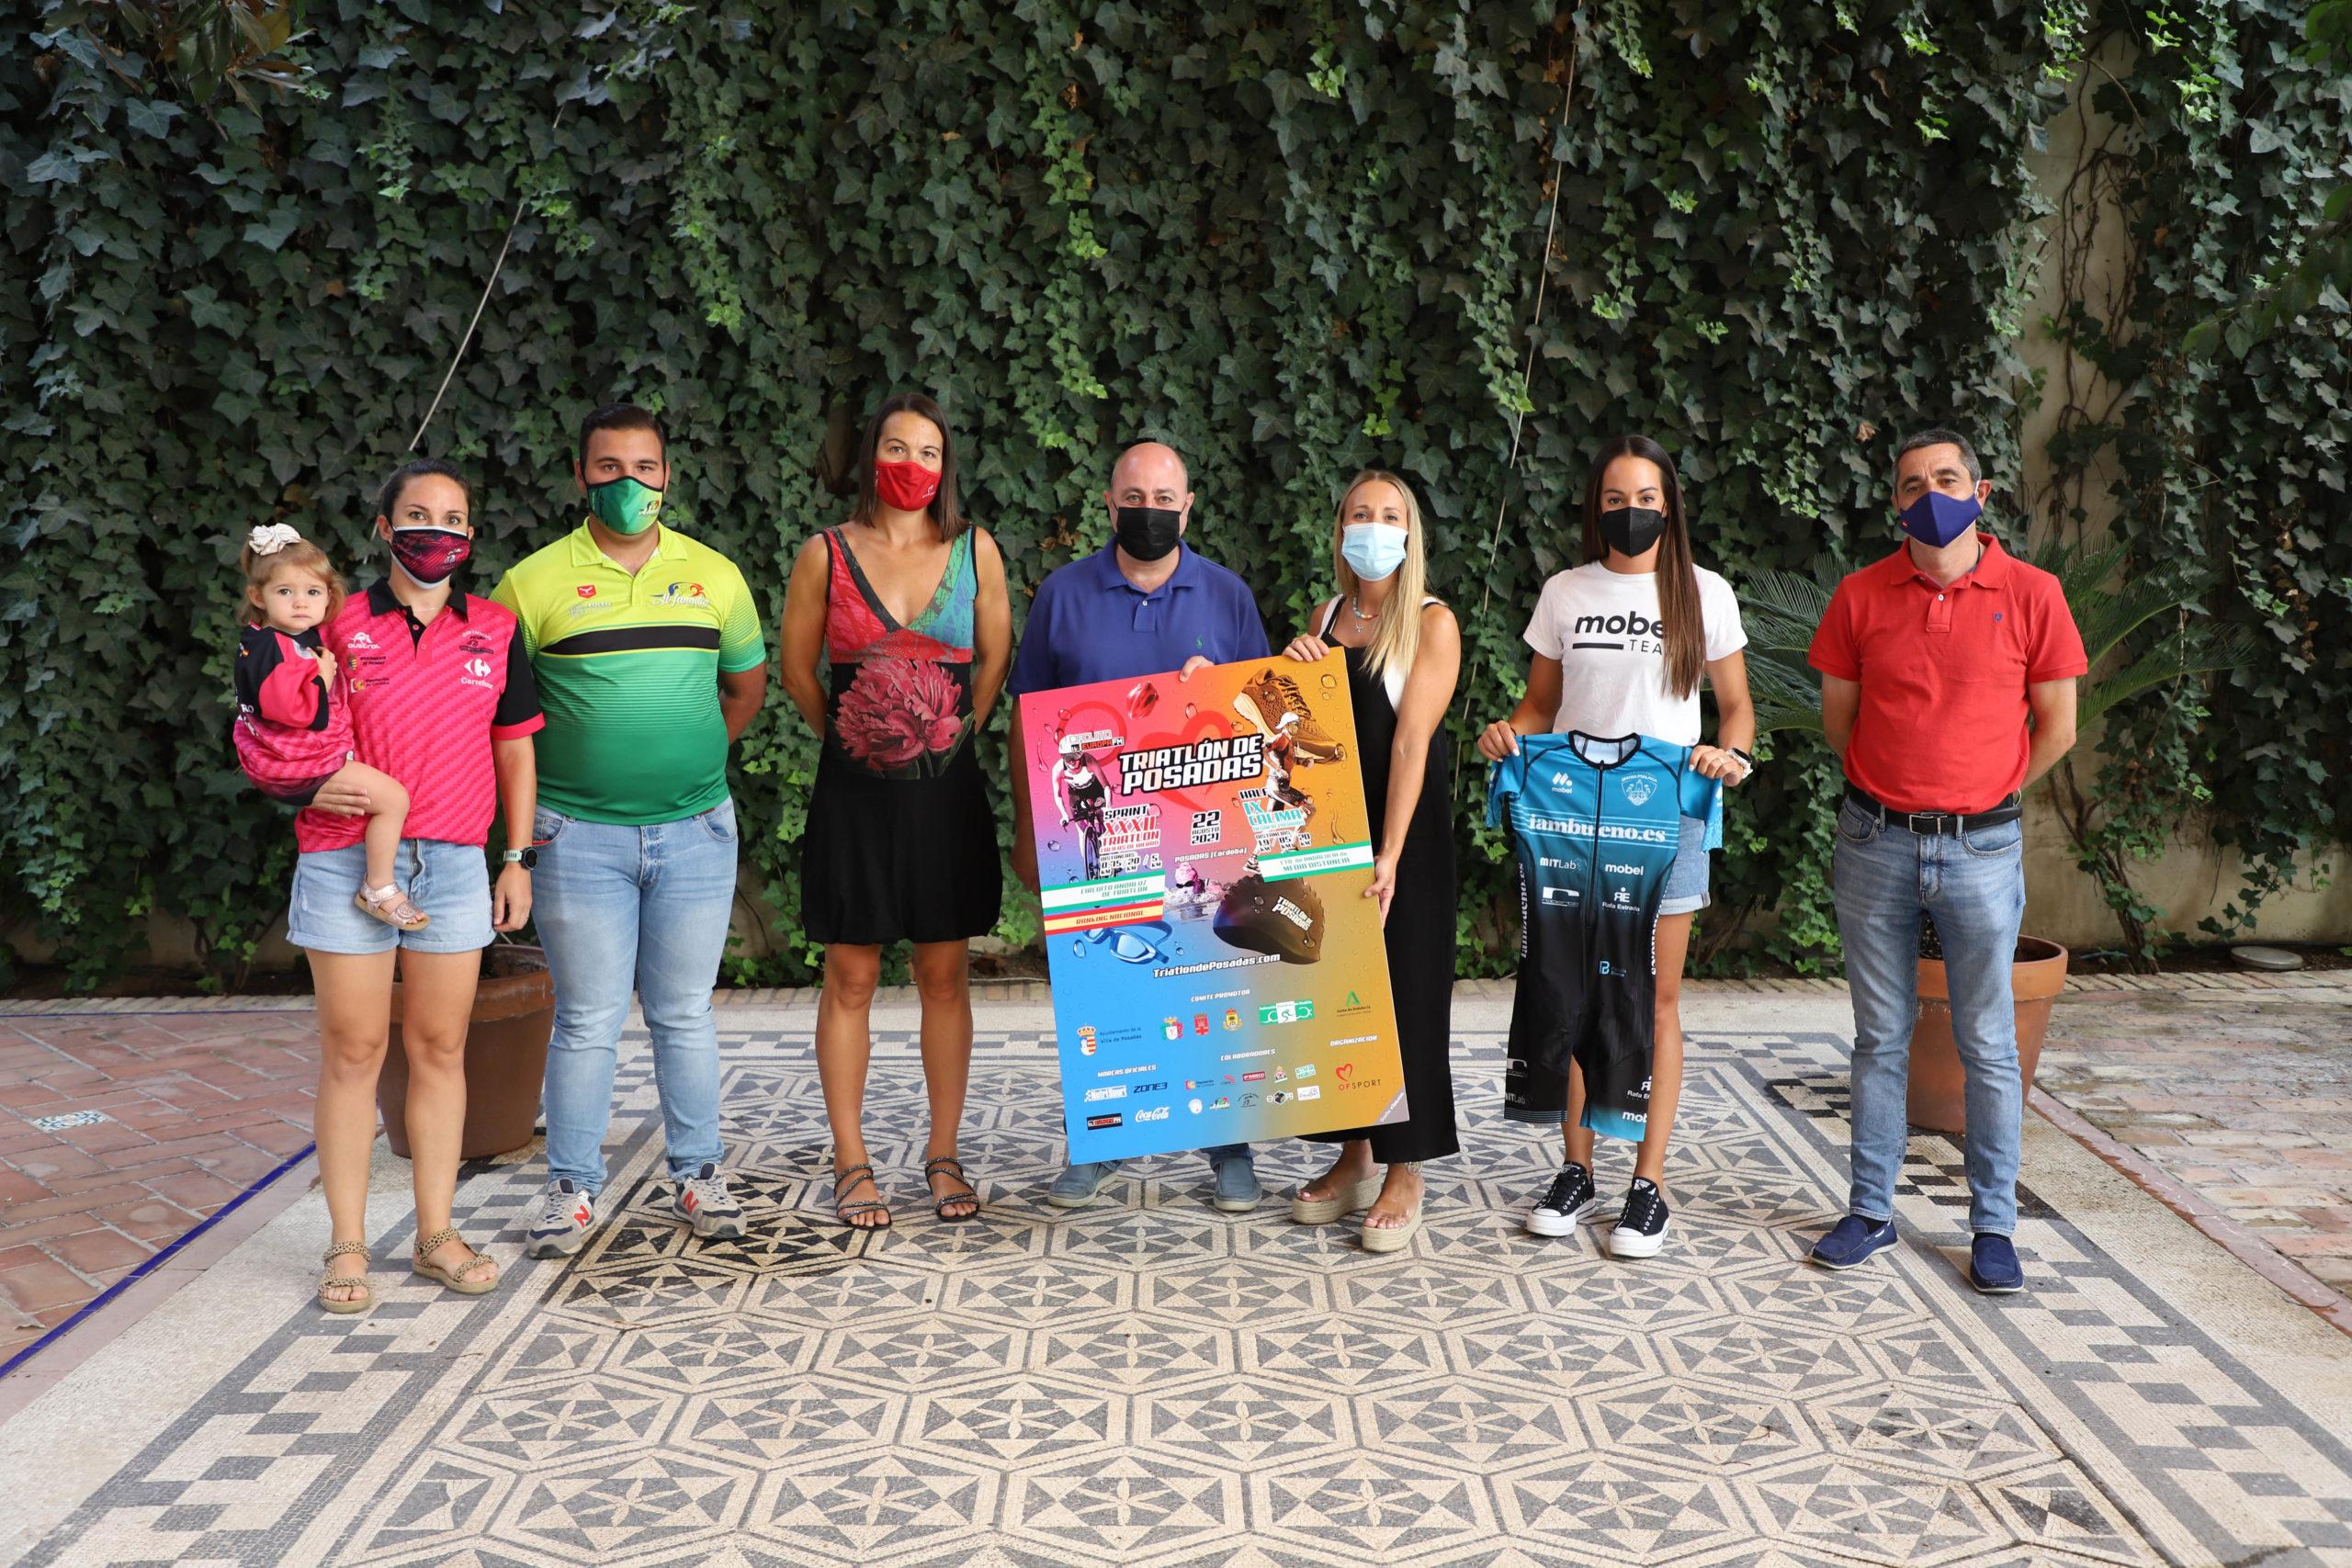 Los mejores triatletas del panorama nacional se darán cita en el Calima Desafío Posadas y el Triatlón Califas de Hierro